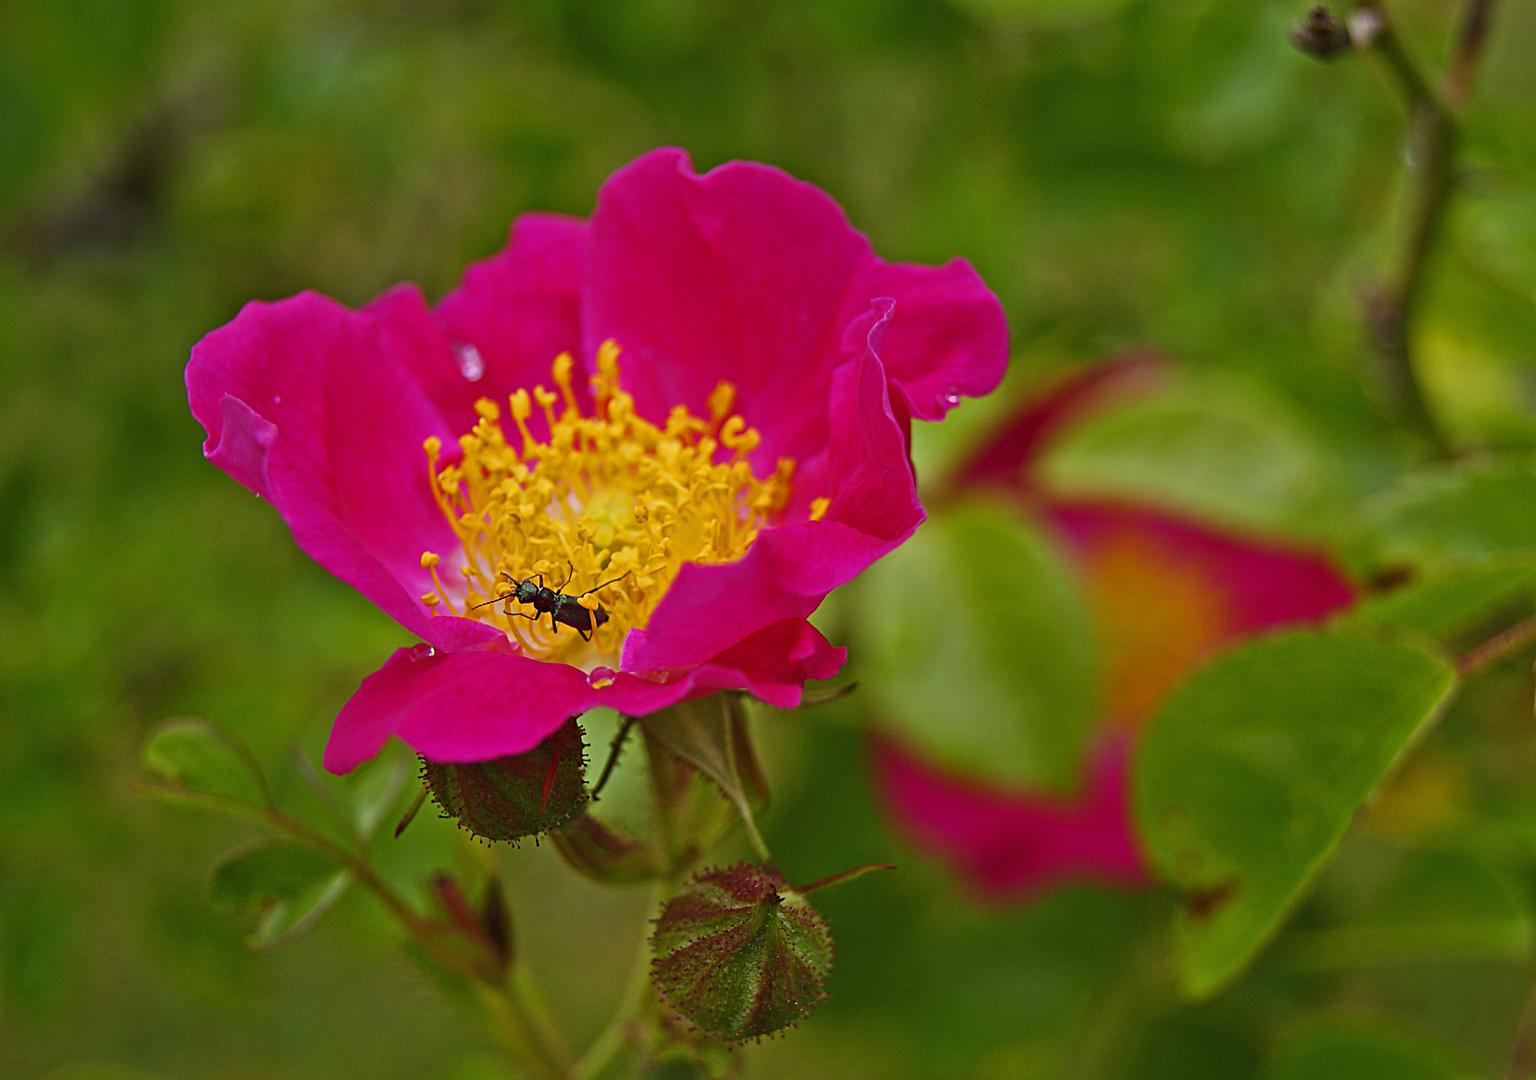 rosier, arboretum des barres